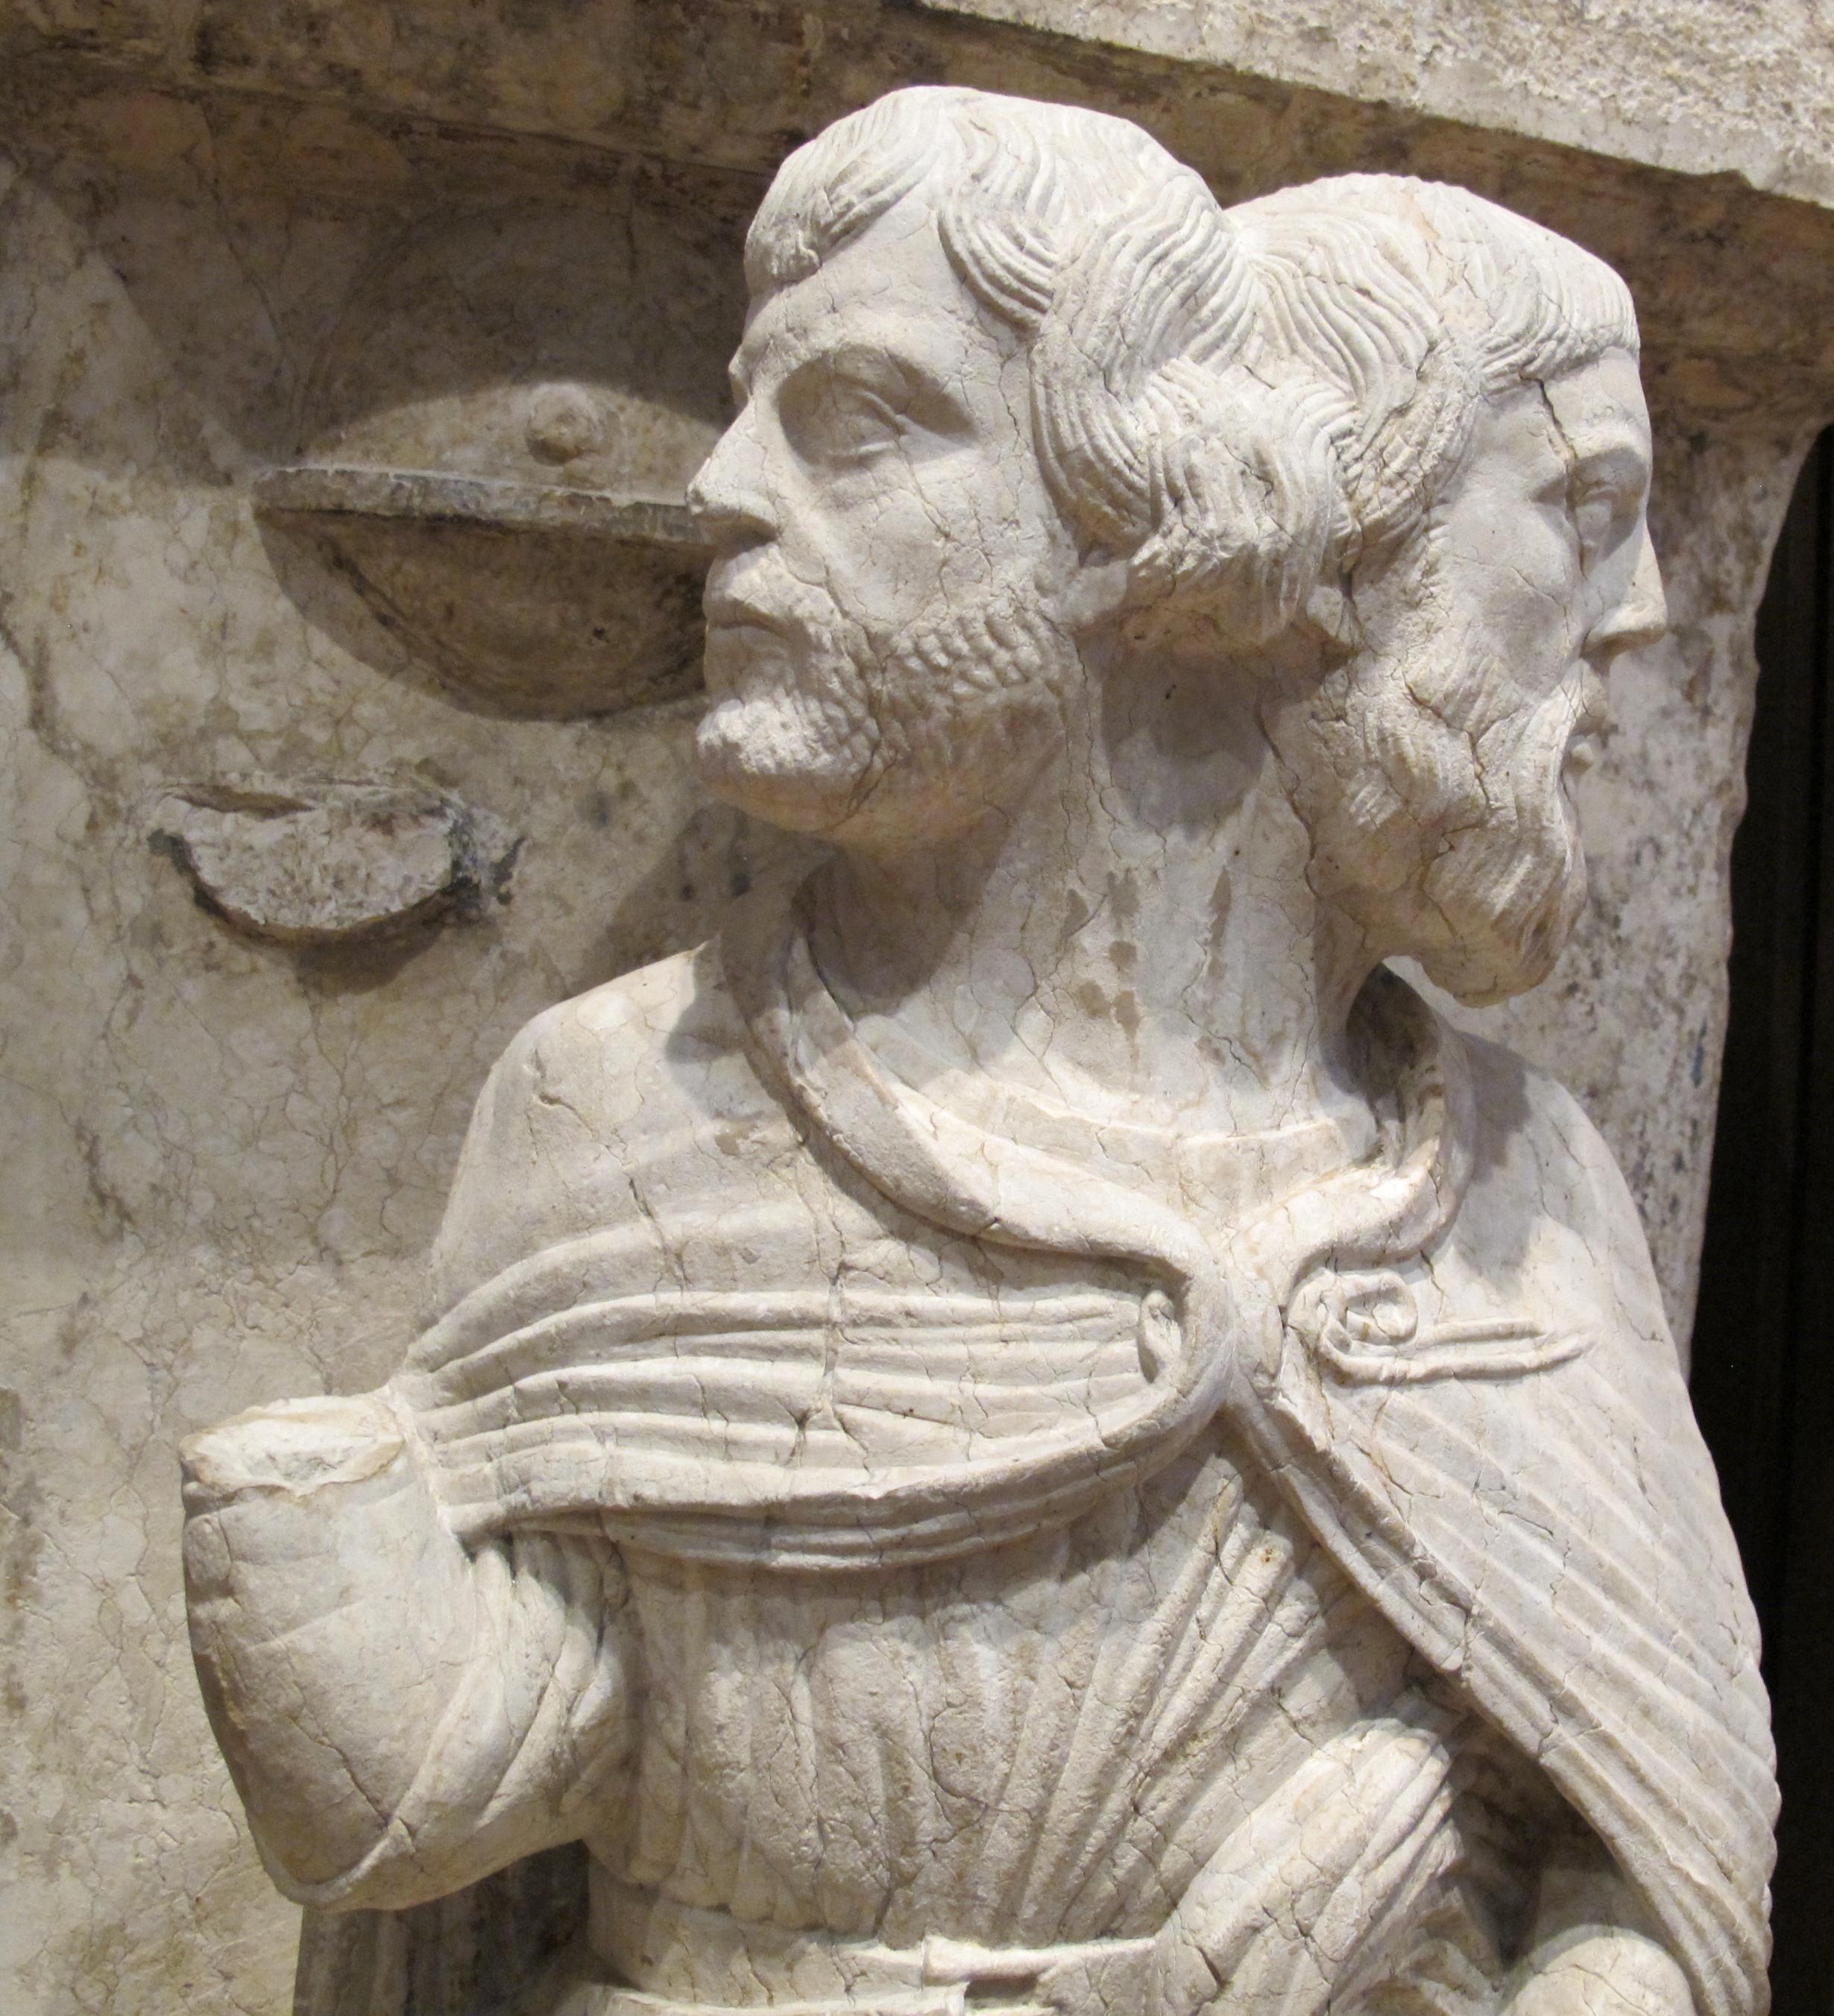 https://upload.wikimedia.org/wikipedia/commons/4/44/Maestro_dei_mesi,_01_giano_bifronte_(anno_vecchio_e_anno_nuovo)_gennaio,_1225-1230_ca._03.JPG